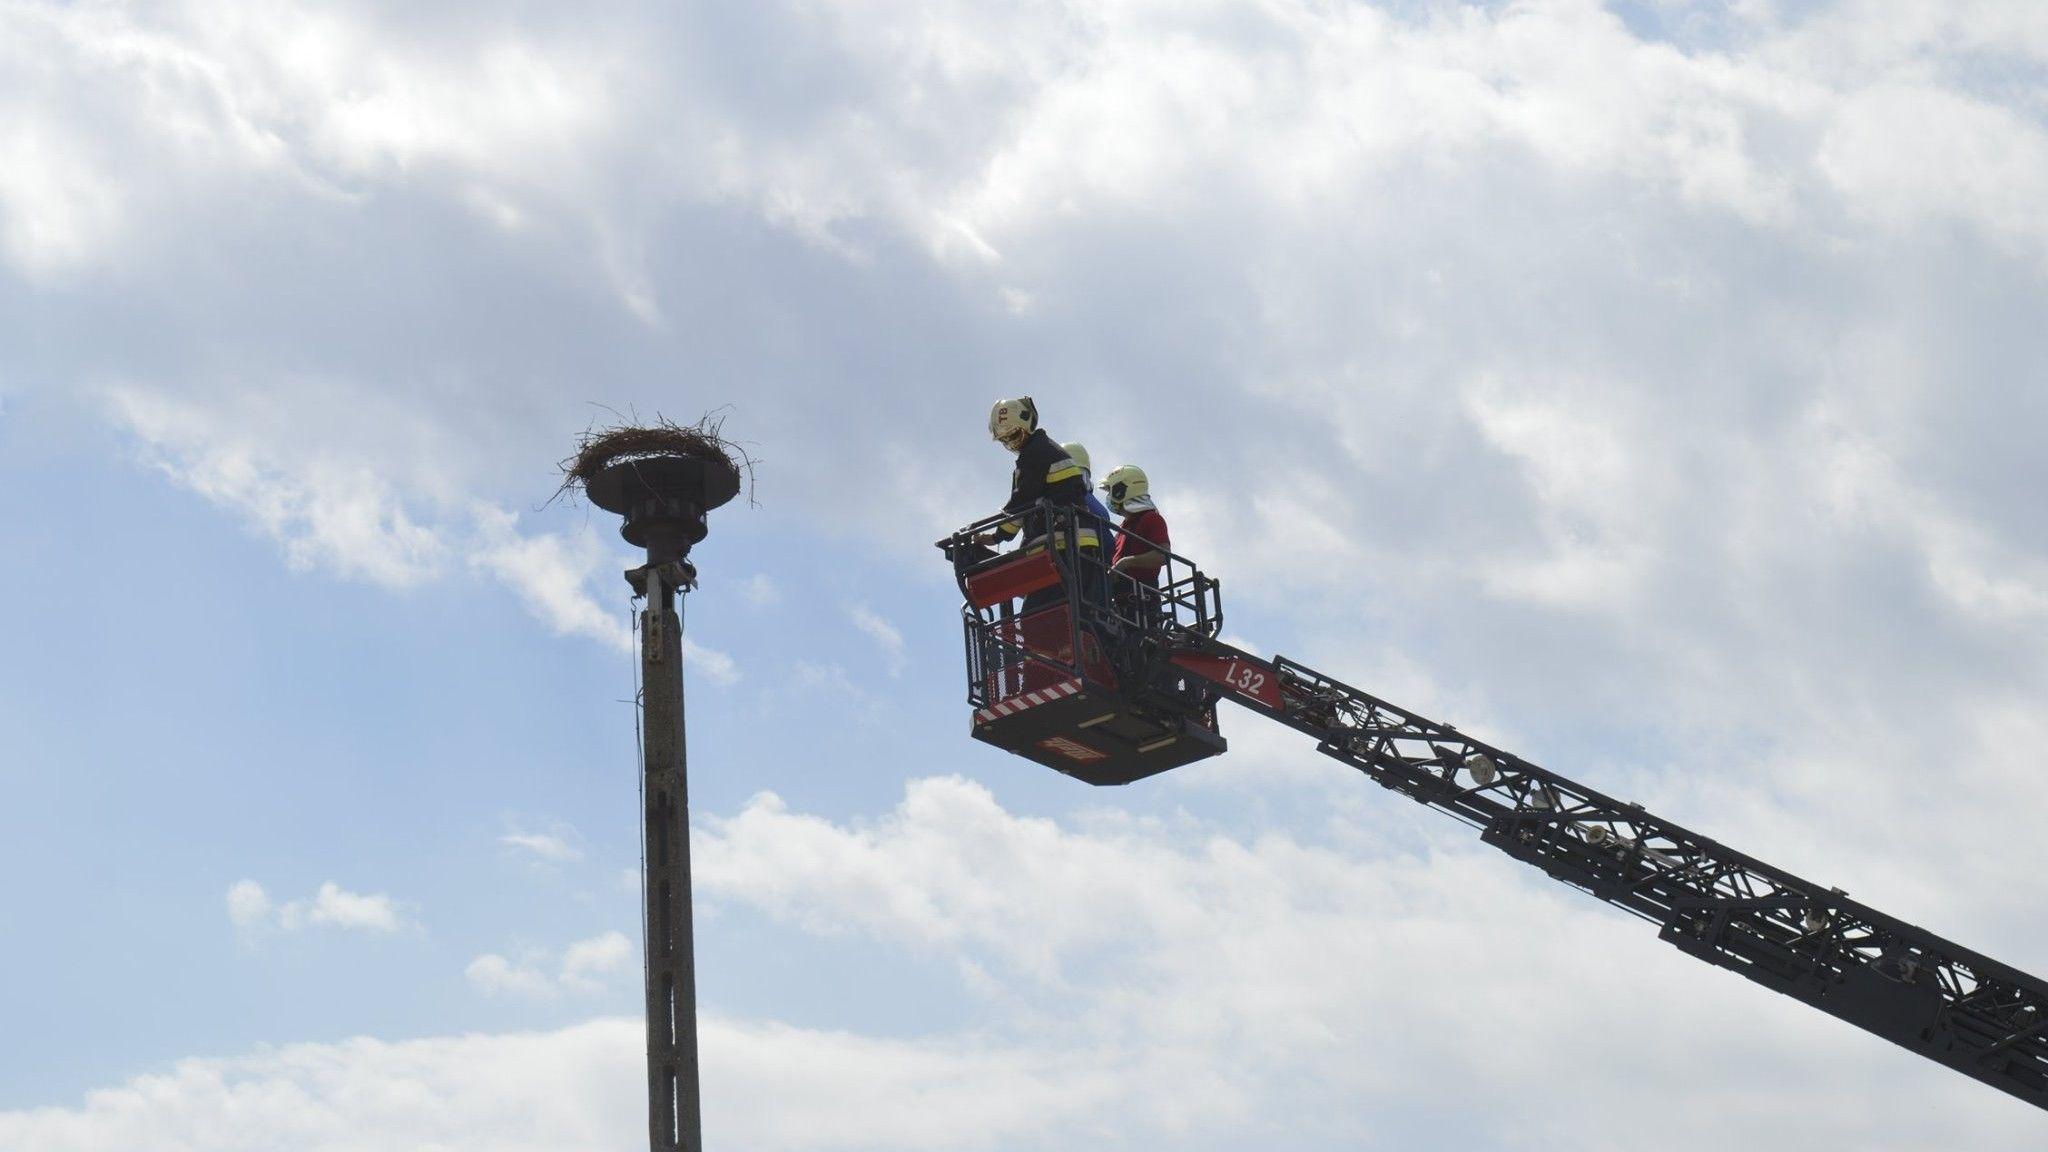 A fészek rögzítését a tatabányai emelőkosaras tűzoltógépjárművel végezték.